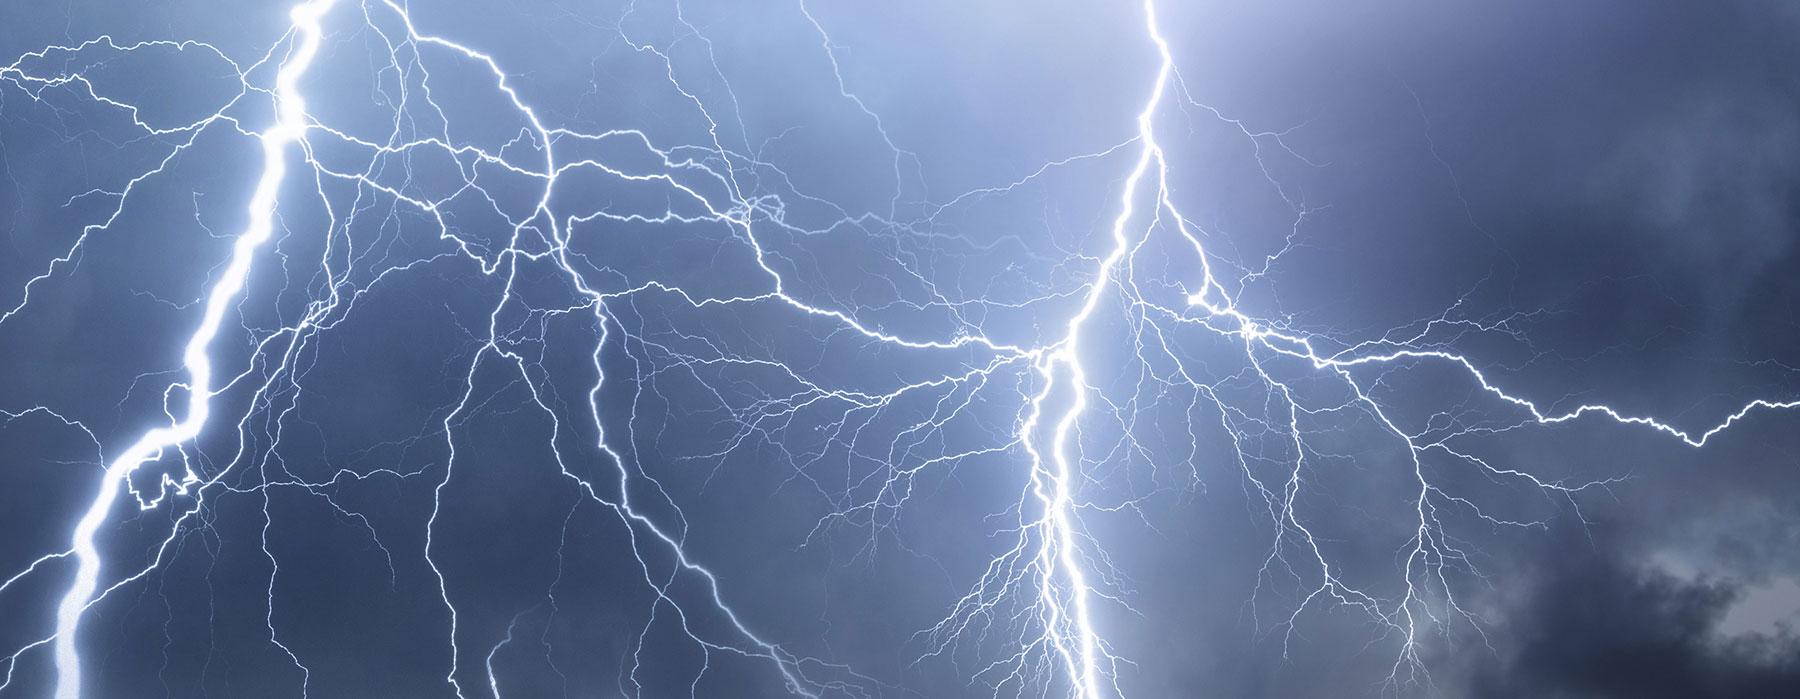 Der Himmel ist von Blitzen durchzogen, vor denen Häuser geschützt werden sollen.